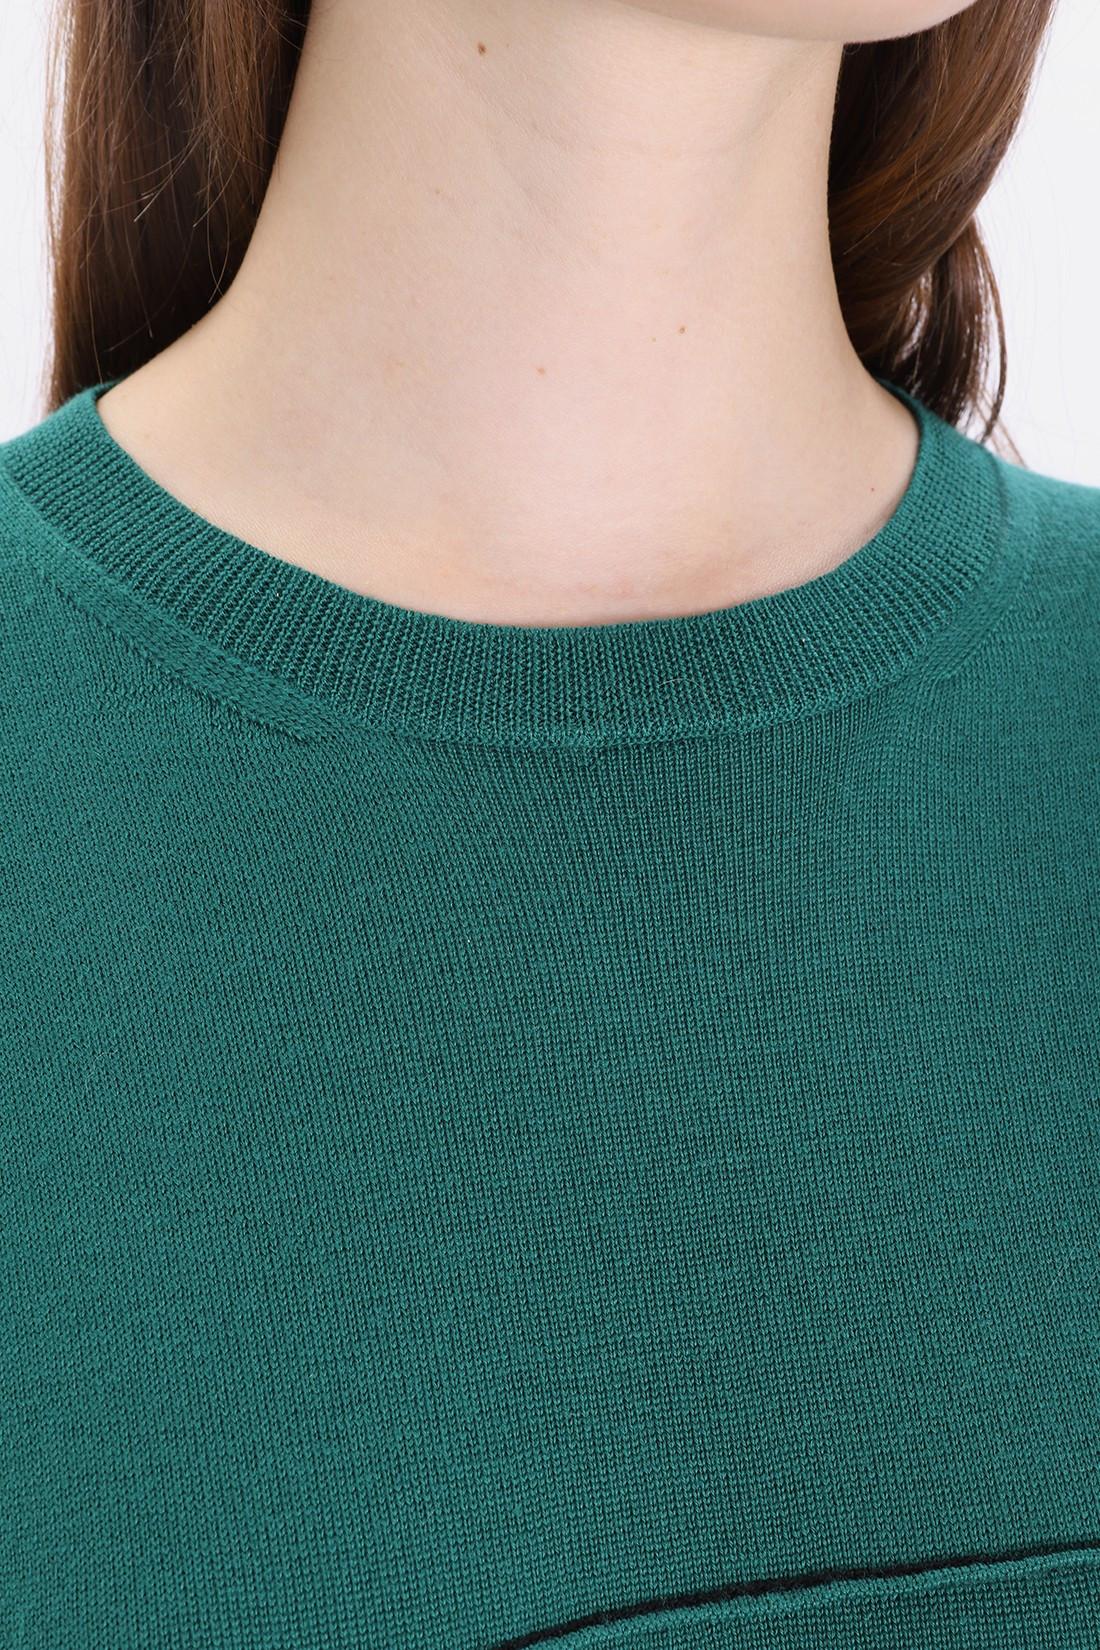 MM6 MAISON MARGIELA FOR WOMAN / S32ha0507 oversized pull-over Green